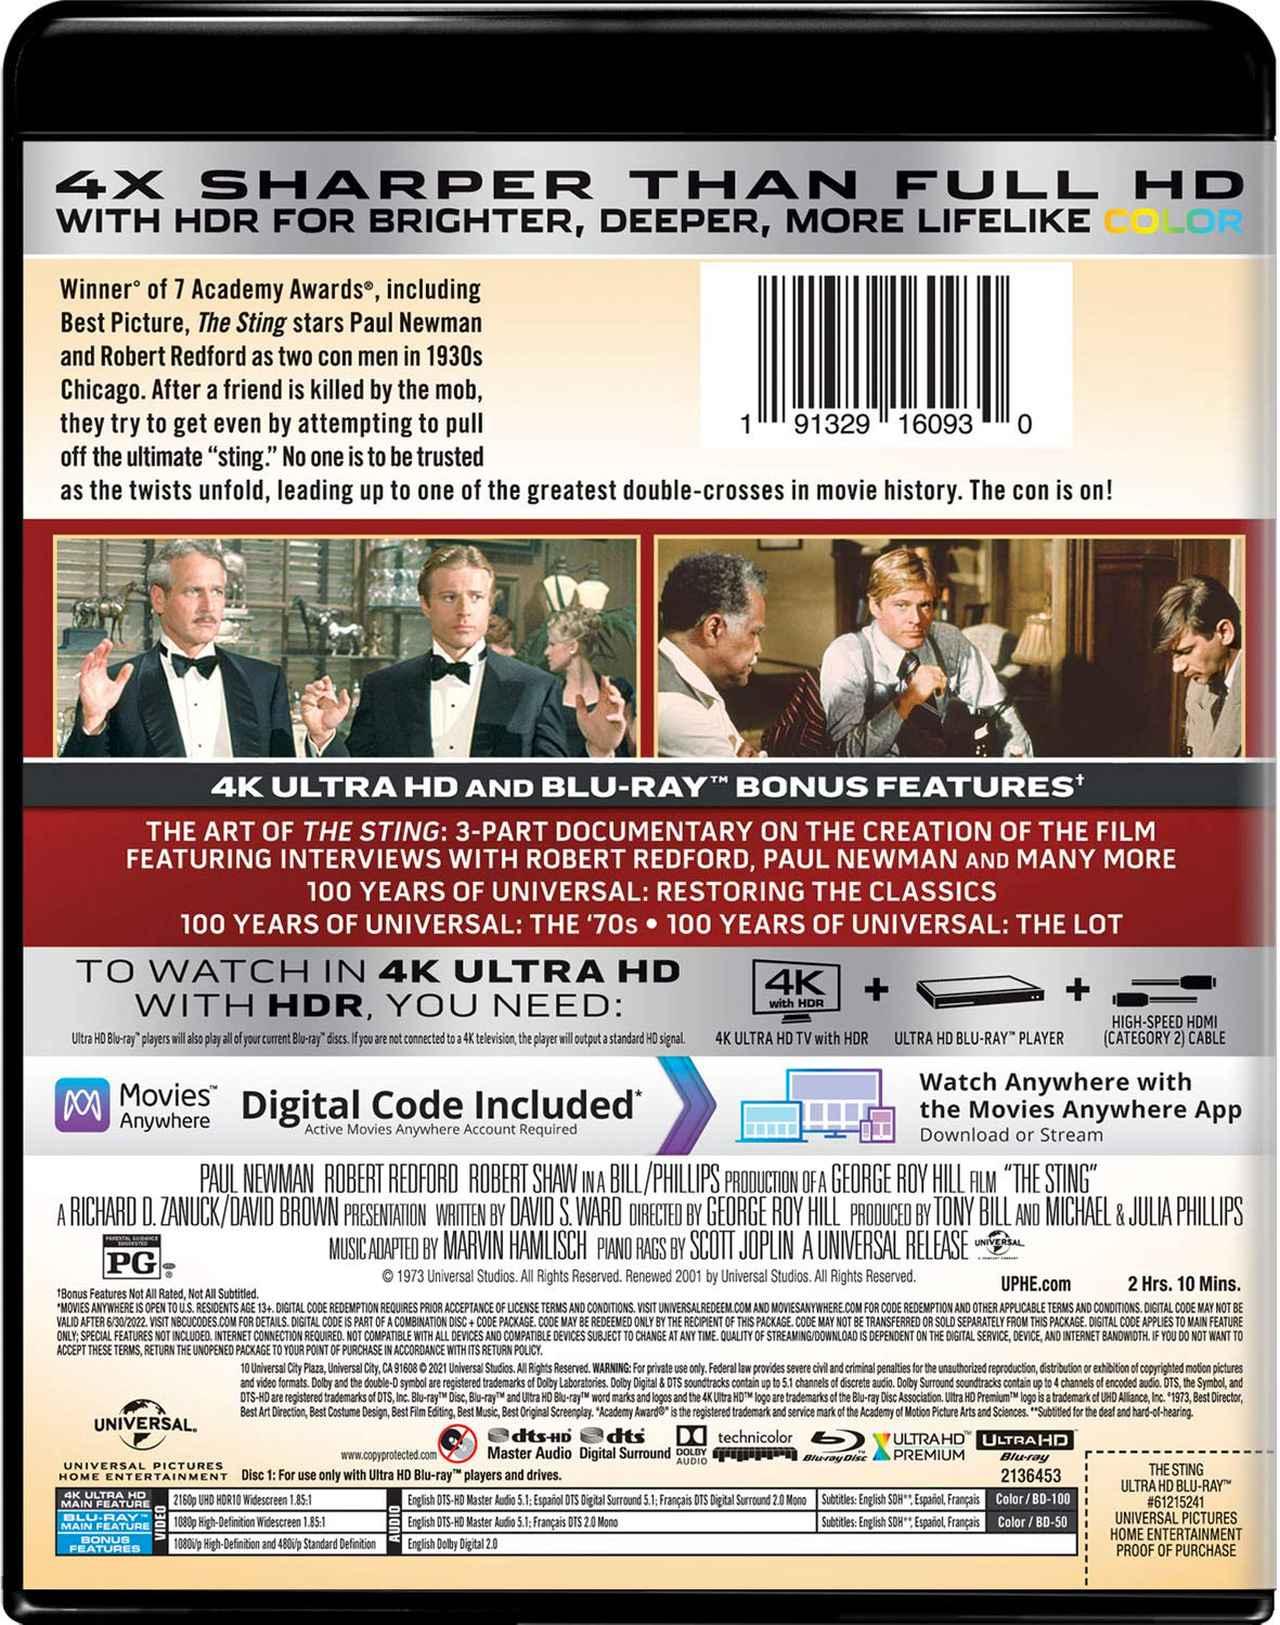 画像: THE STING 4K Ultra HD + Blu-ray Universal Studios   1973   129 min   Rated PG   May 18, 2021 Price: $29.98 Video Codec: HEVC / H.265 Resolution: 4K (2160p) HDR: HDR10 Original aspect ratio: 1.85:1 Audio English: DTS-HD Master Audio 5.1 French (Canadian): DTS Mono Spanish: 5.1 Subtitles English SDH, French, Spanish Special Features (Blu-Ray) The Art of The Sting - 3-part documentary on the creation of the film, featuring interviews with Robert Redford, Paul Newman, and many more 100 Years Of Universal: Restoring The Classics 100 Years Of Universal: The '70s 100 Years of Universal: The Lot Theatrical Trailer